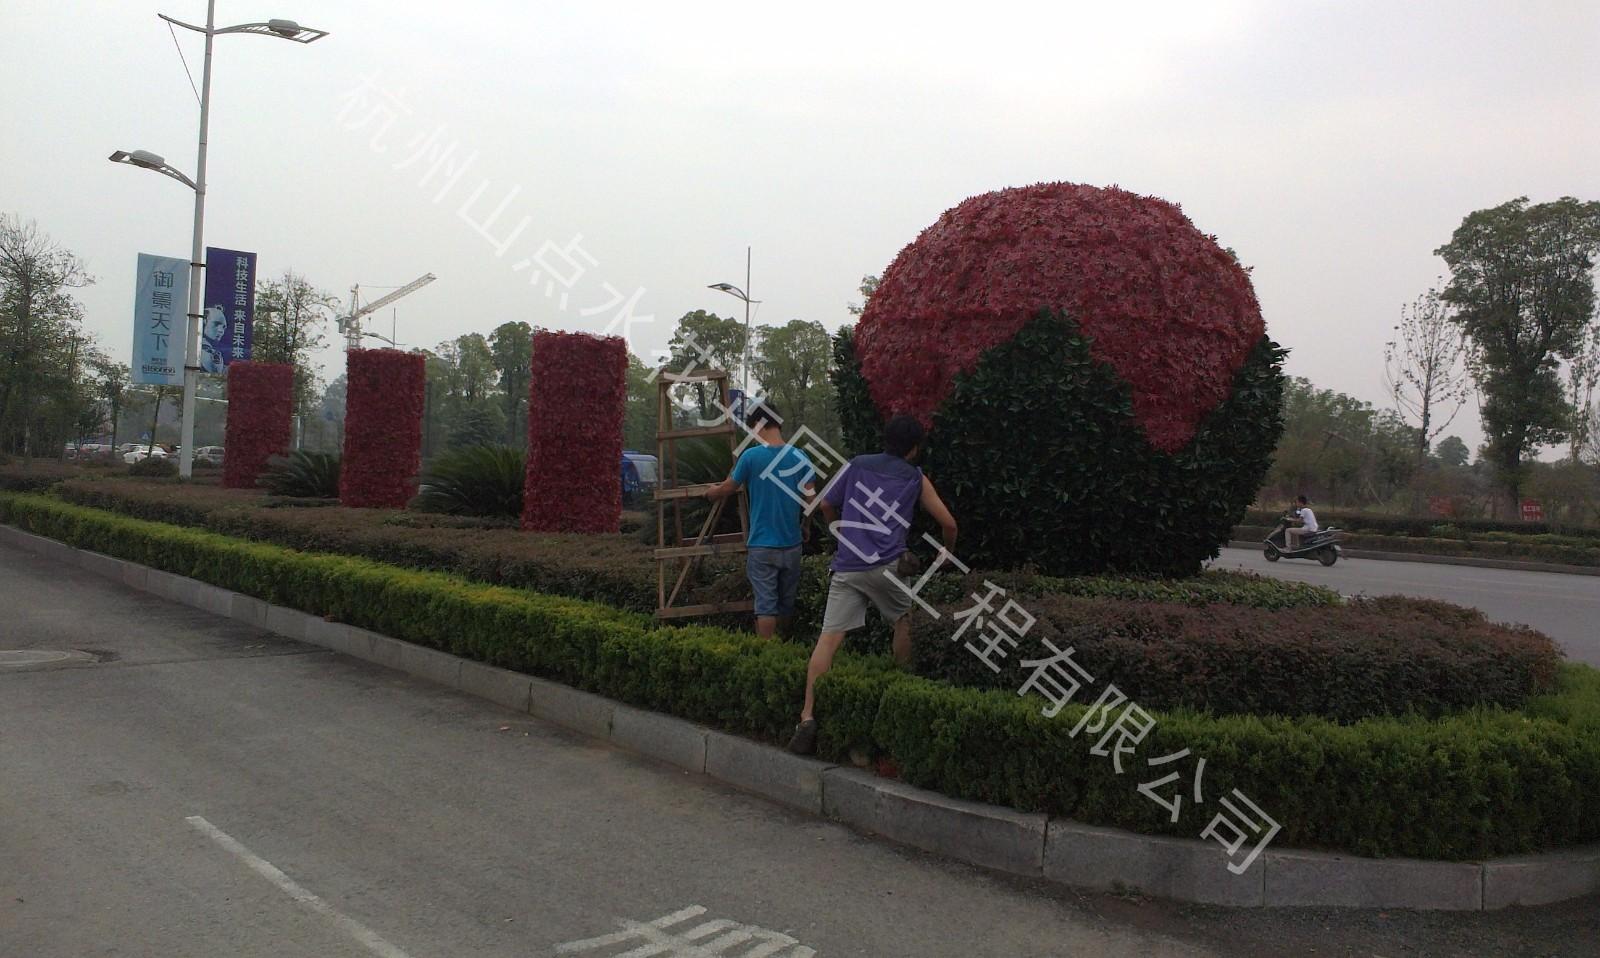 绿雕|仿真植物墙-杭州山点水花卉租赁园艺工程有限公司